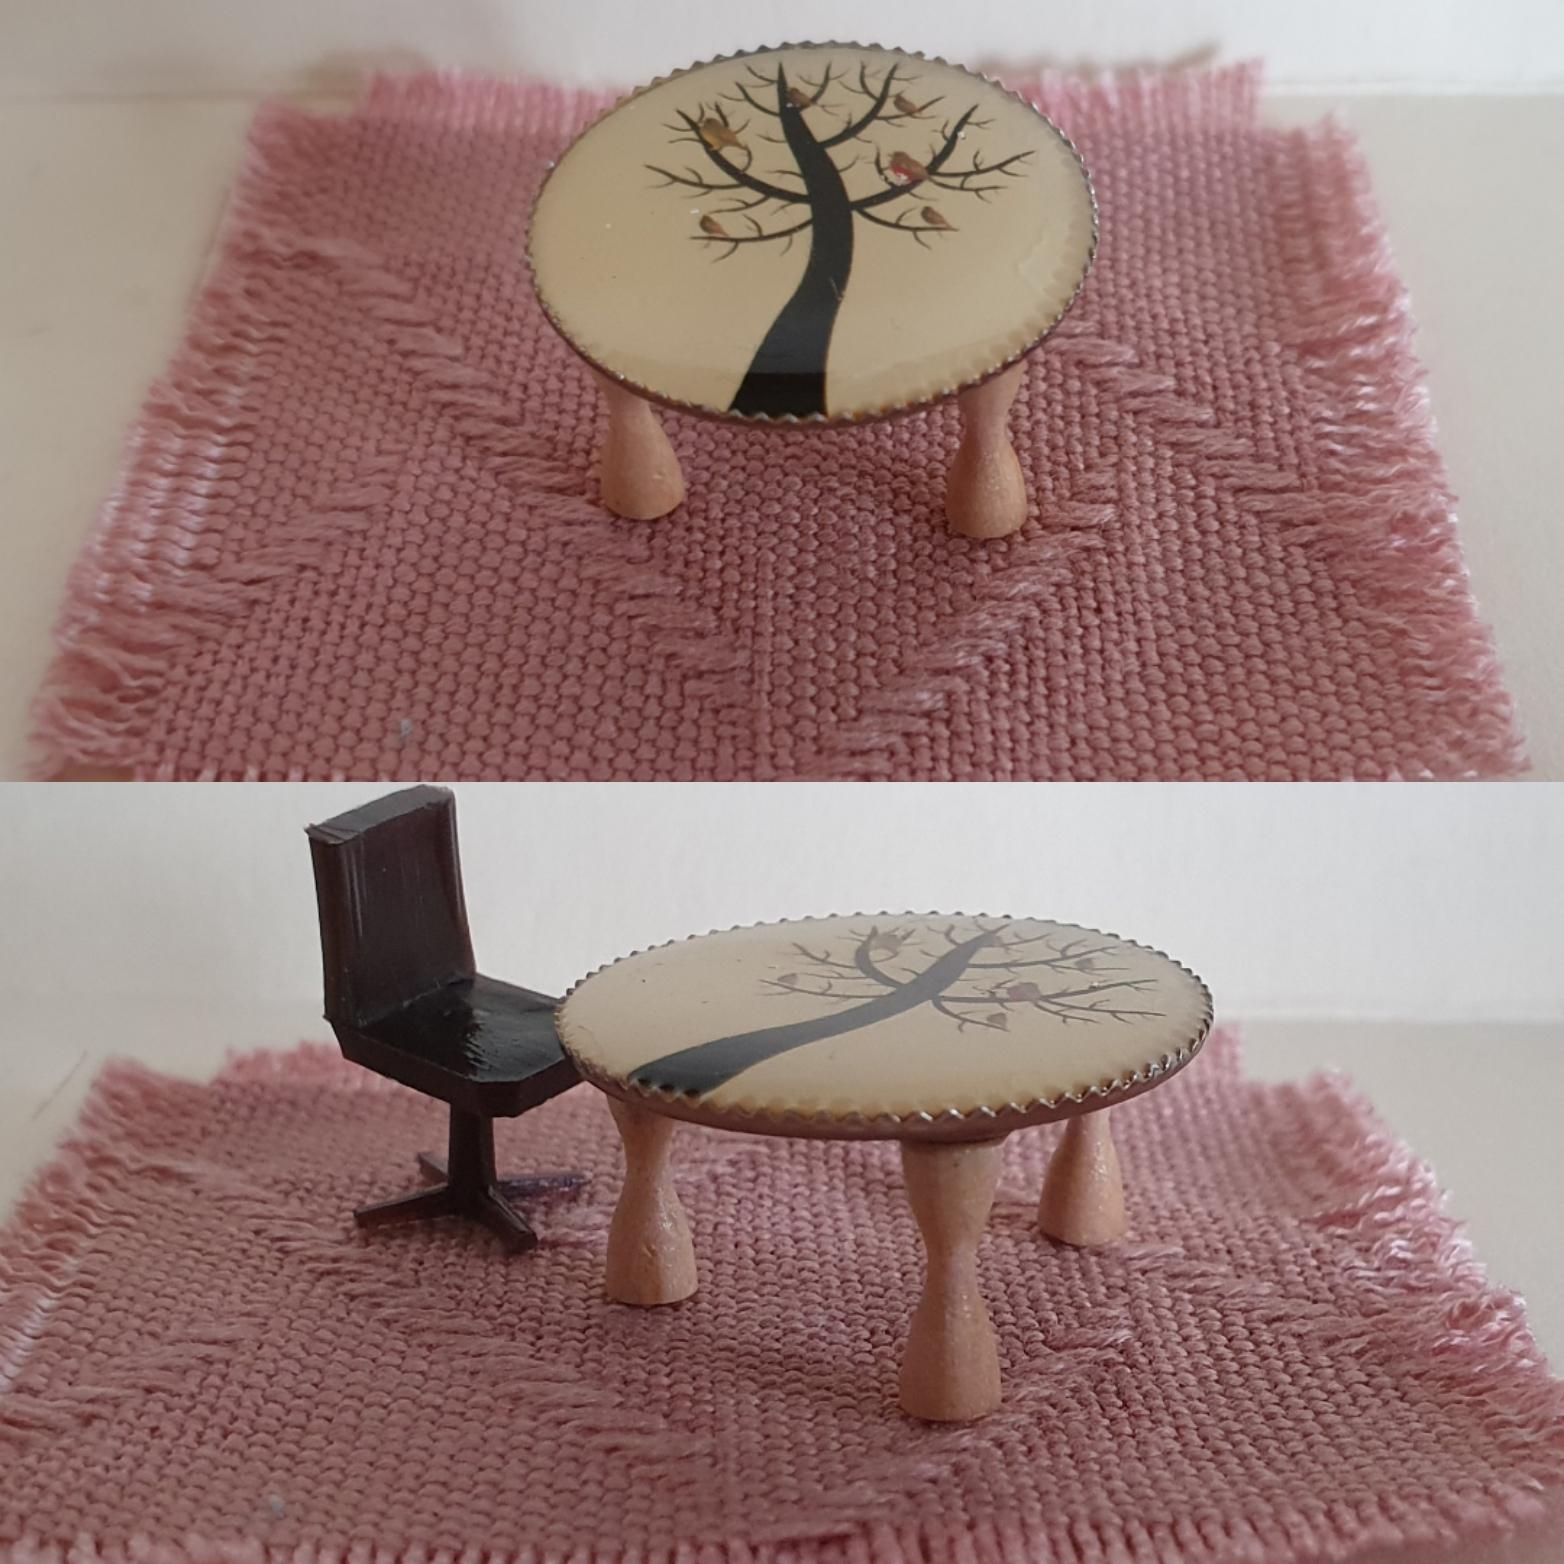 1/48 Ornate Table $8